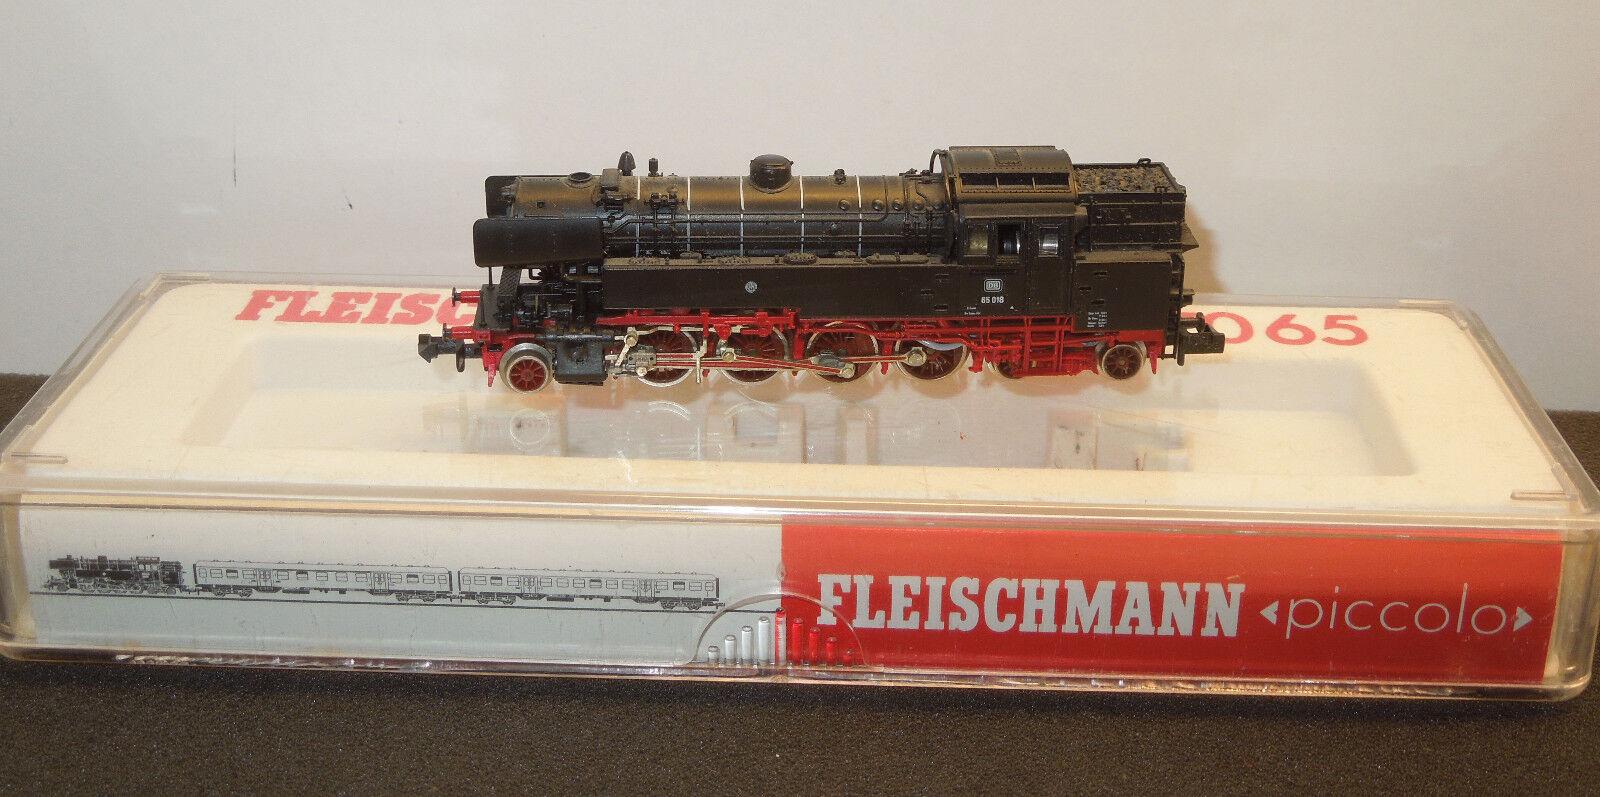 Fleischmann Spur N 7065 locomotiva BR 65-ricostruito su faulhabermotor